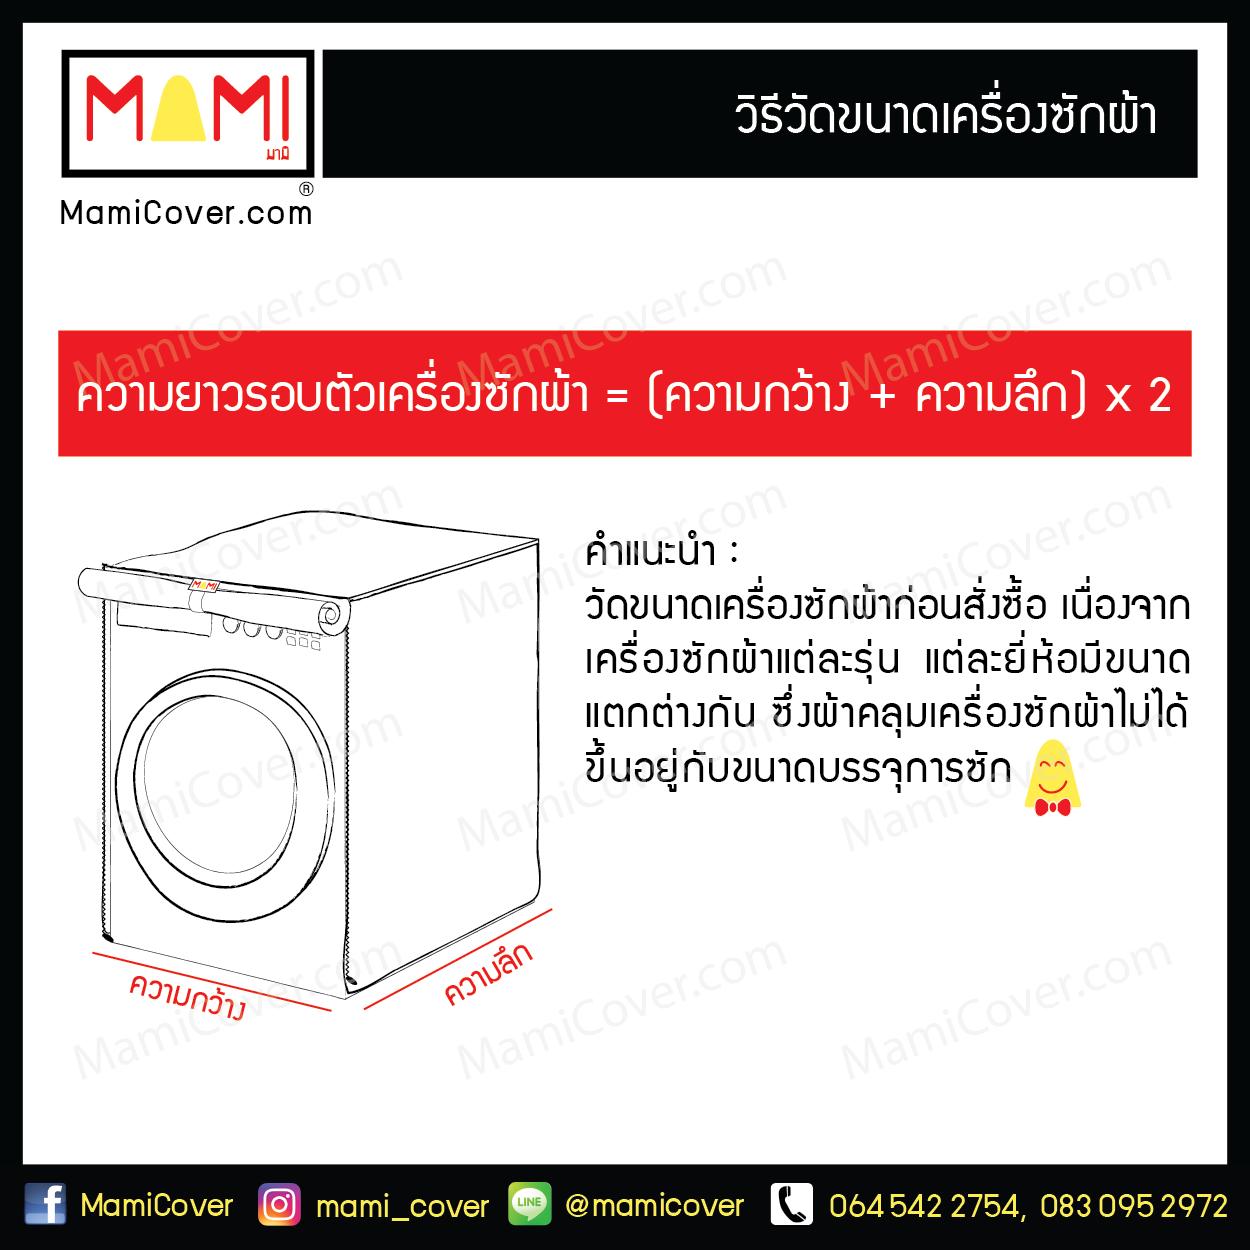 ผ้าคลุมเครื่องซักผ้าฝาหน้า กันฝุ่น กันแดด กันฝนสาด มีช่องร้อยท่อน้ำ+สายไฟ Mami รุ่น Standard  สีน้ำตาล